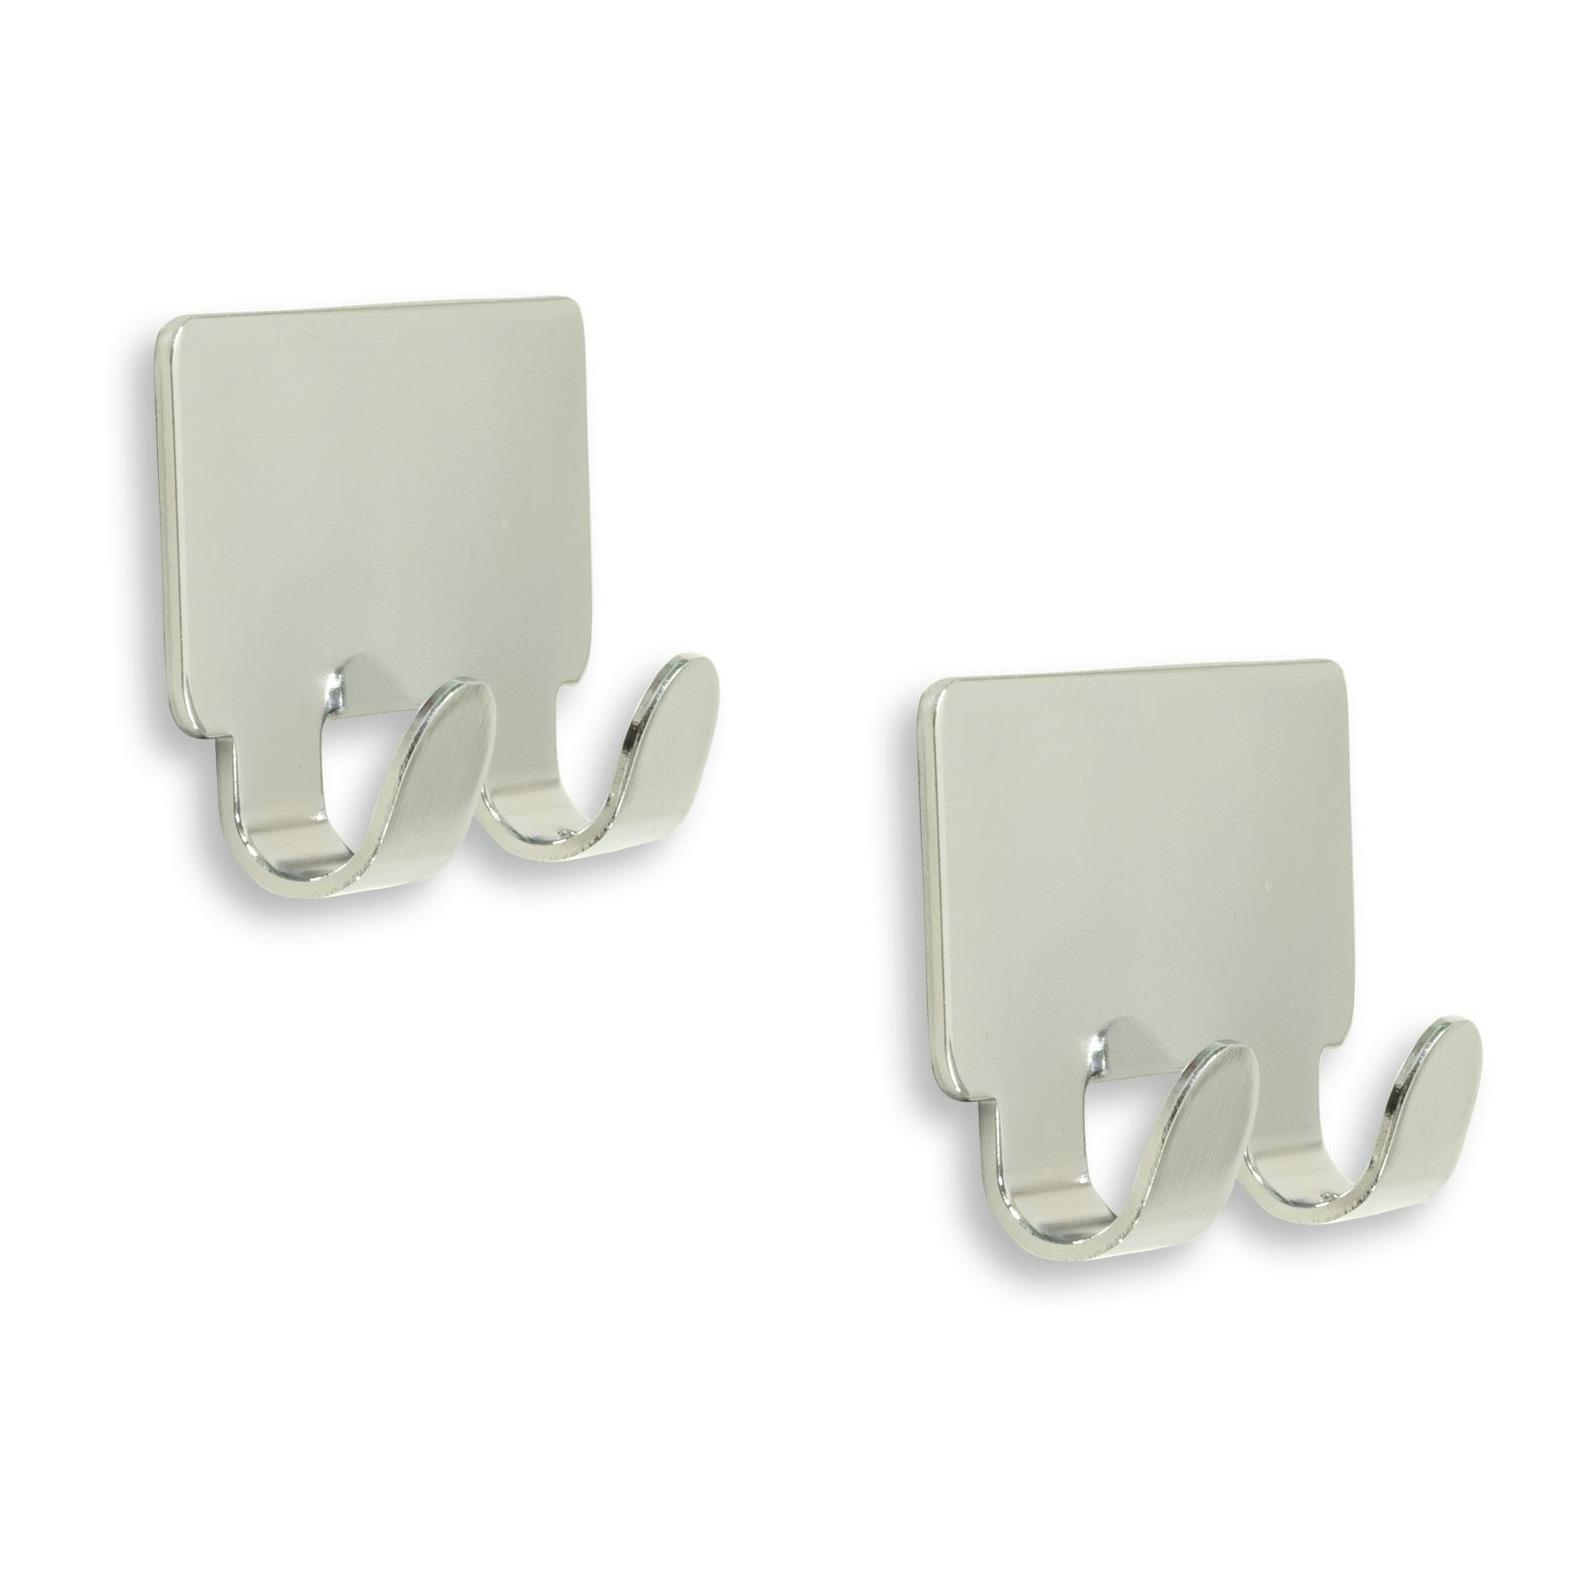 6x luxe plakhaken handdoekhaken vierkant chroom glanzend dubbele haak 4 2 x 7 2 cm